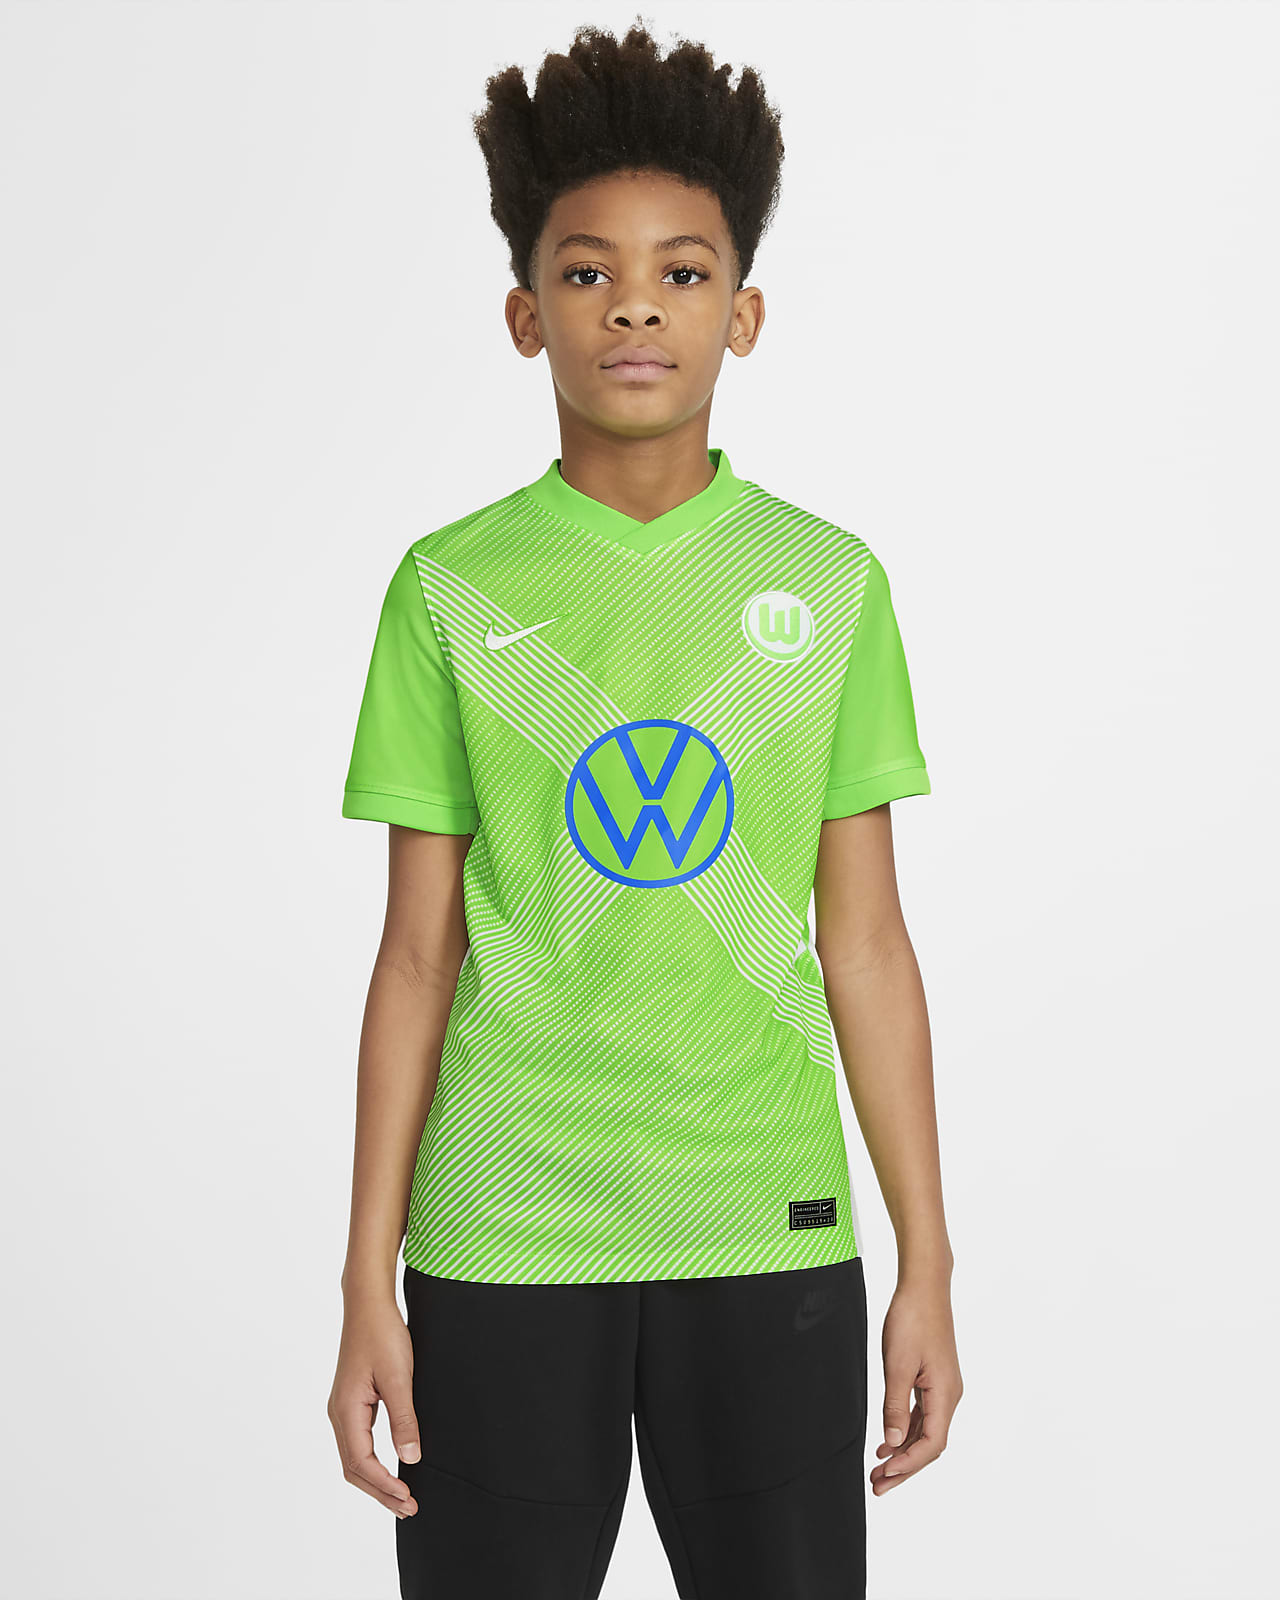 Ποδοσφαιρική φανέλα Βόλφσμπουργκ 2020/21 Stadium Home για μεγάλα παιδιά